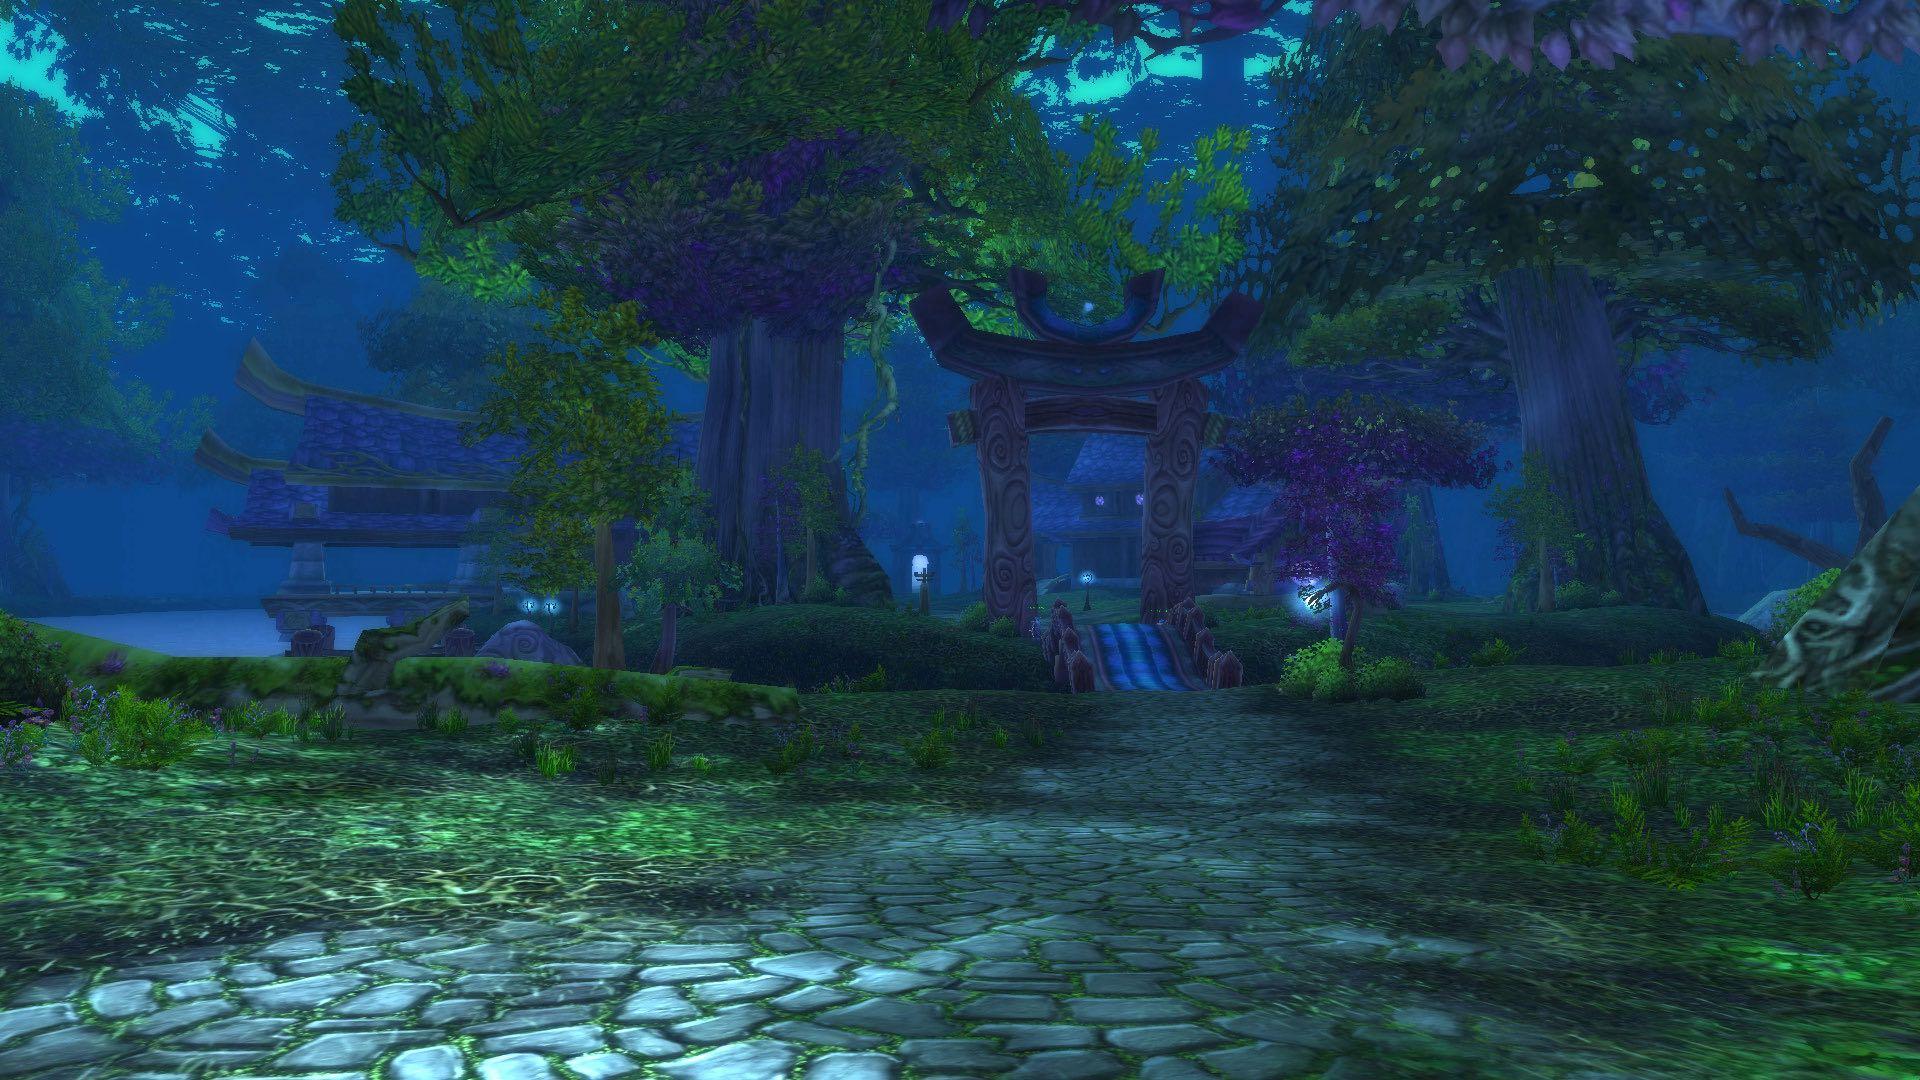 做术士魅魔任务时路过灰谷的夜歌森林